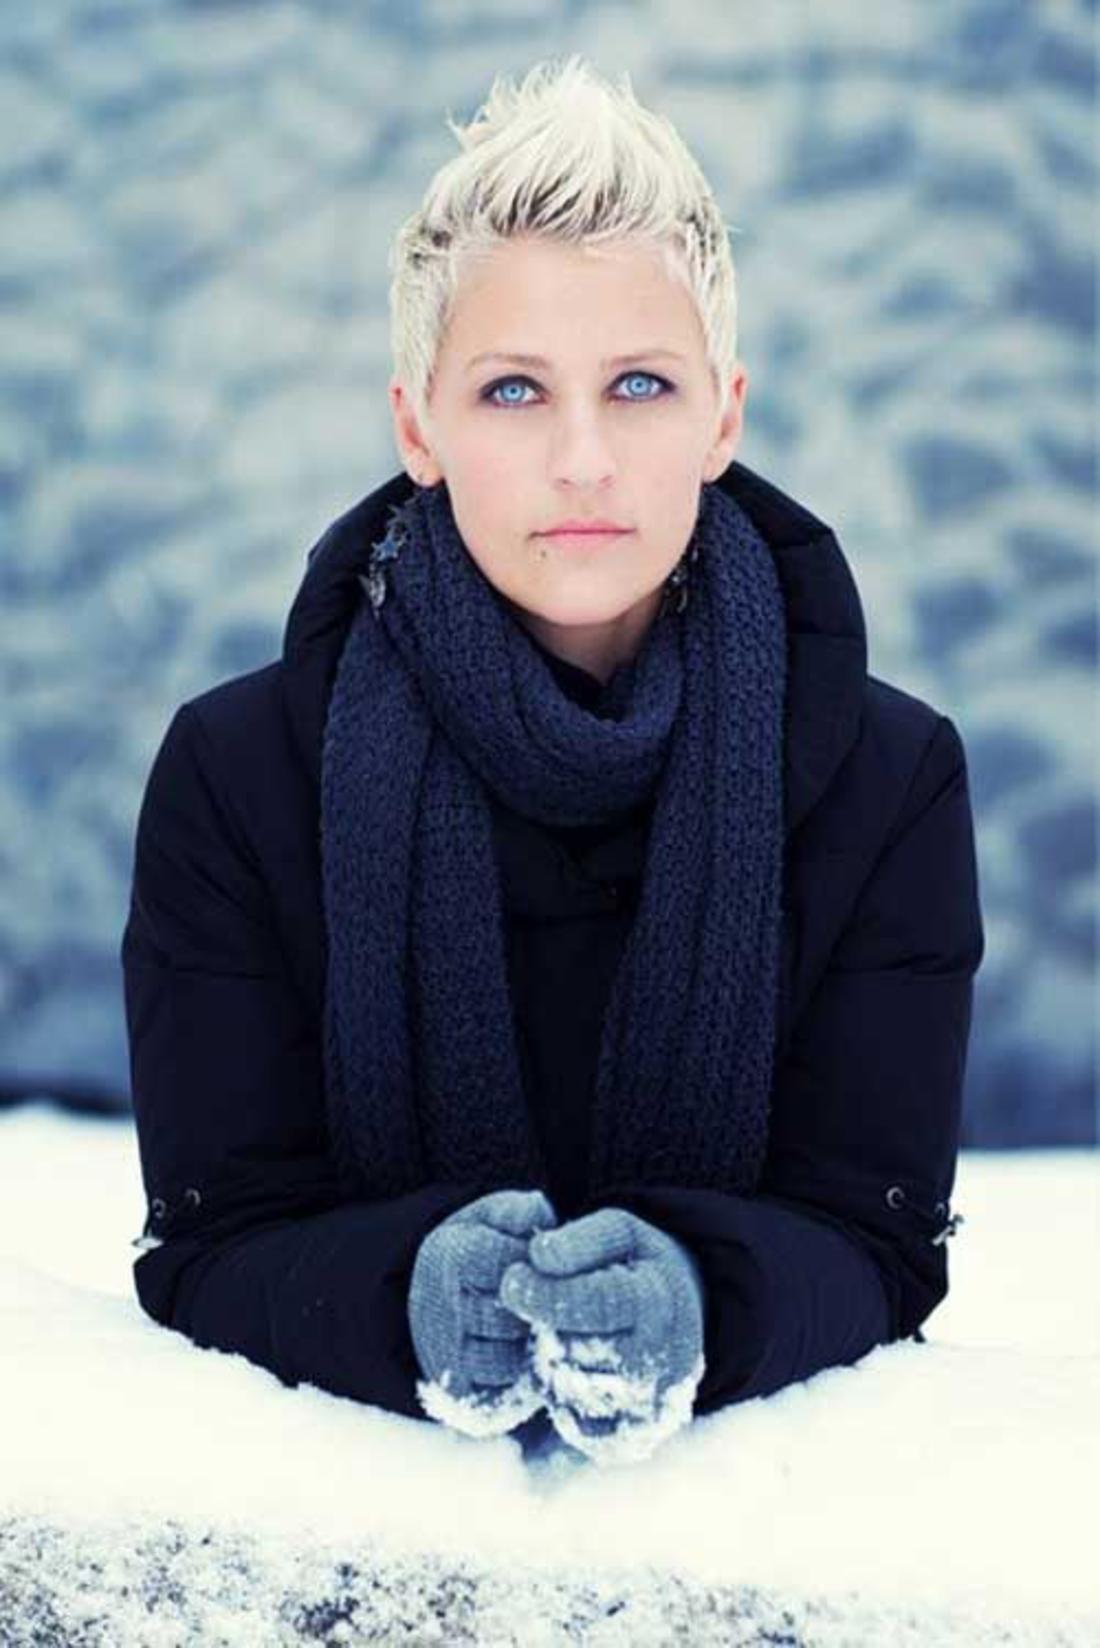 Blondes Haar im Winter mit viel Schnee, Kurzhaar Undercut blaue warme Kleidung